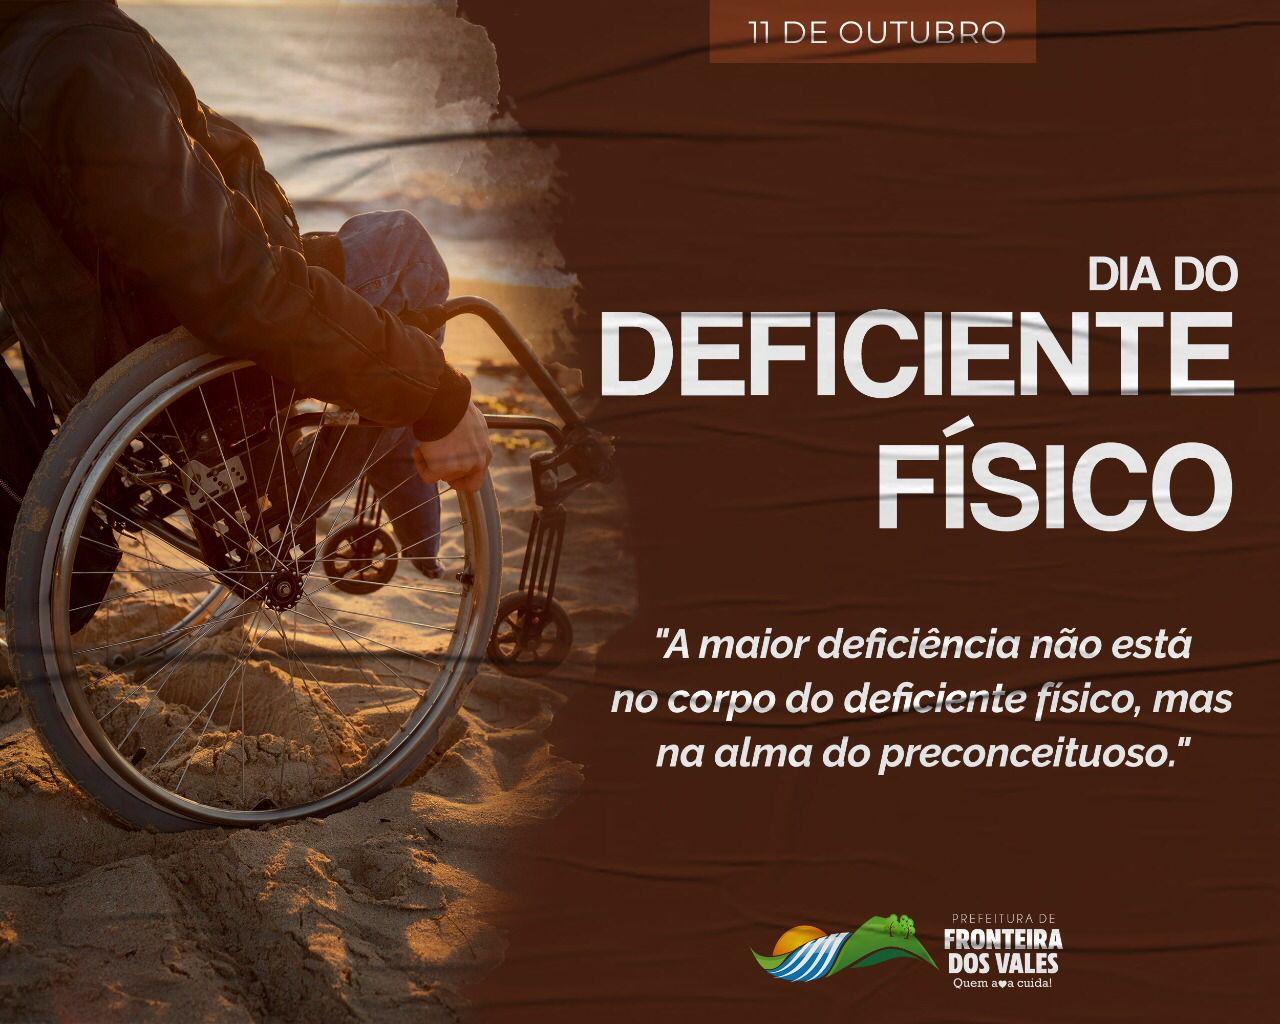 DIA DO DEFICIENTE FÍSICO - 11 DE OUTUBRO